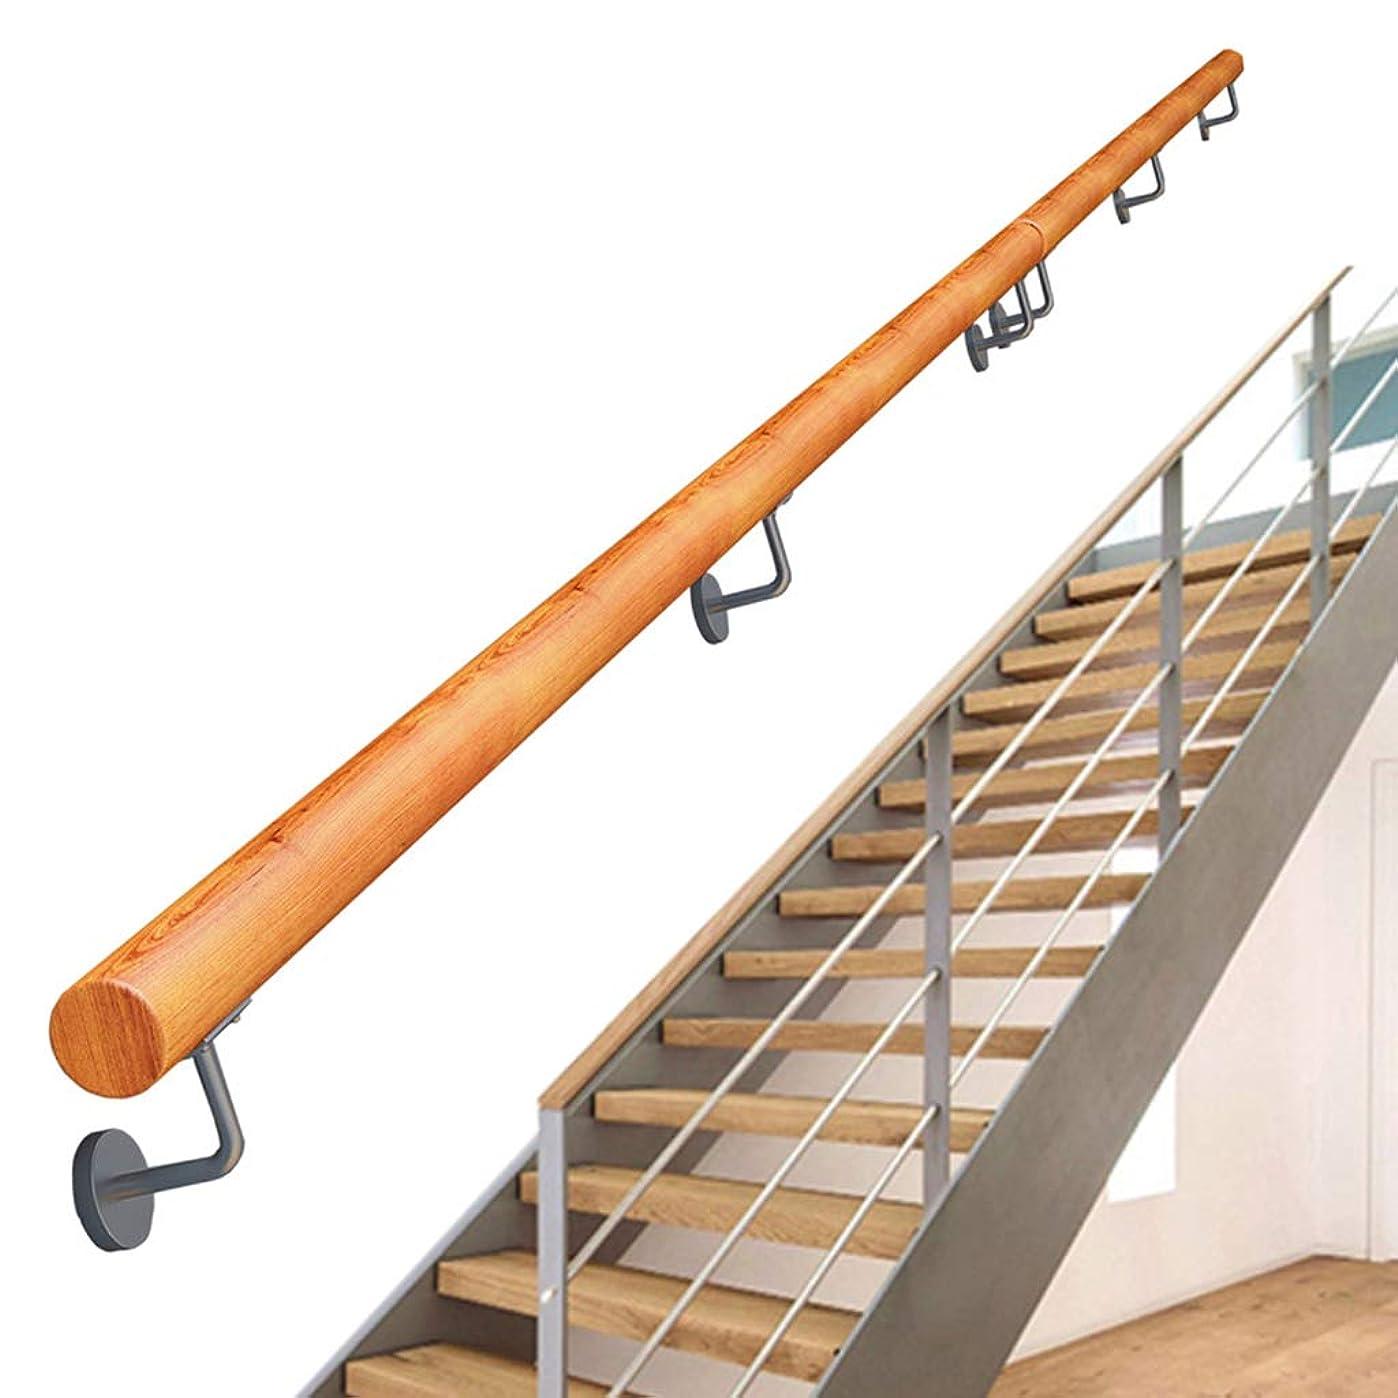 提案する橋マリン木製手すりセット、屋内および屋外用、階段手すり、80?600 cmカスタマイズ可能